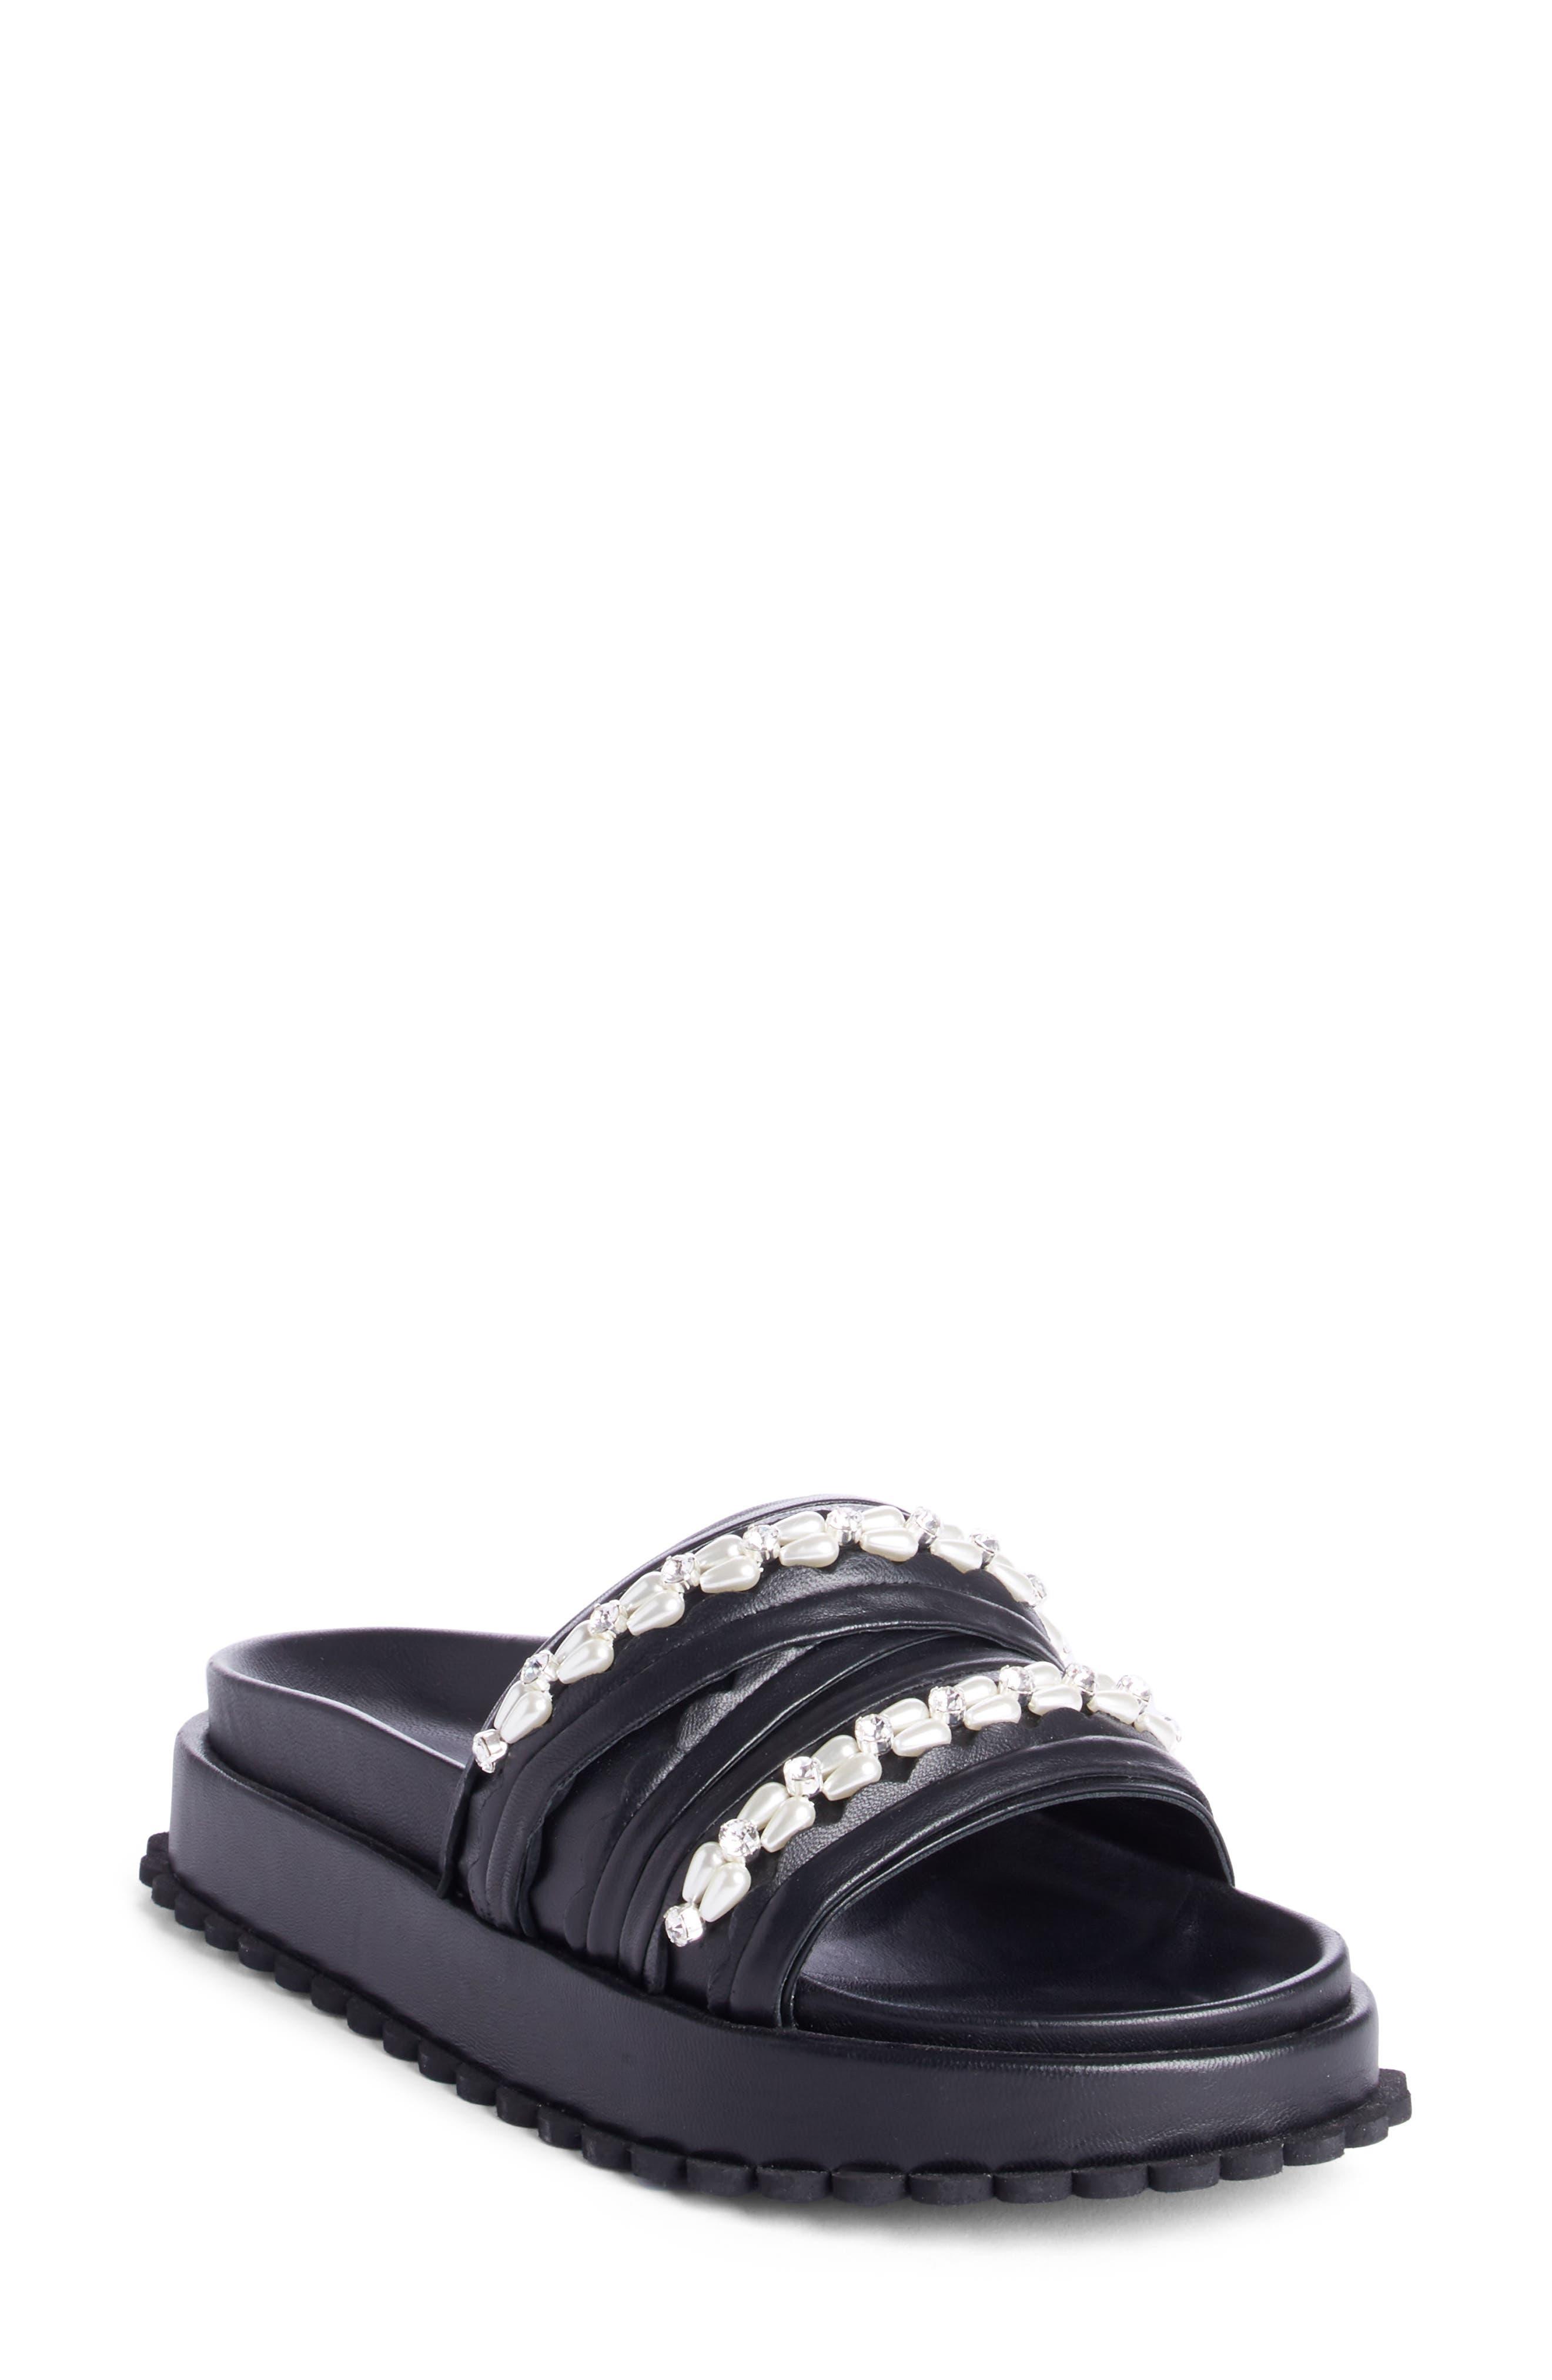 Simone Rocha Embellished Multi Strap Slide Sandal (Women)